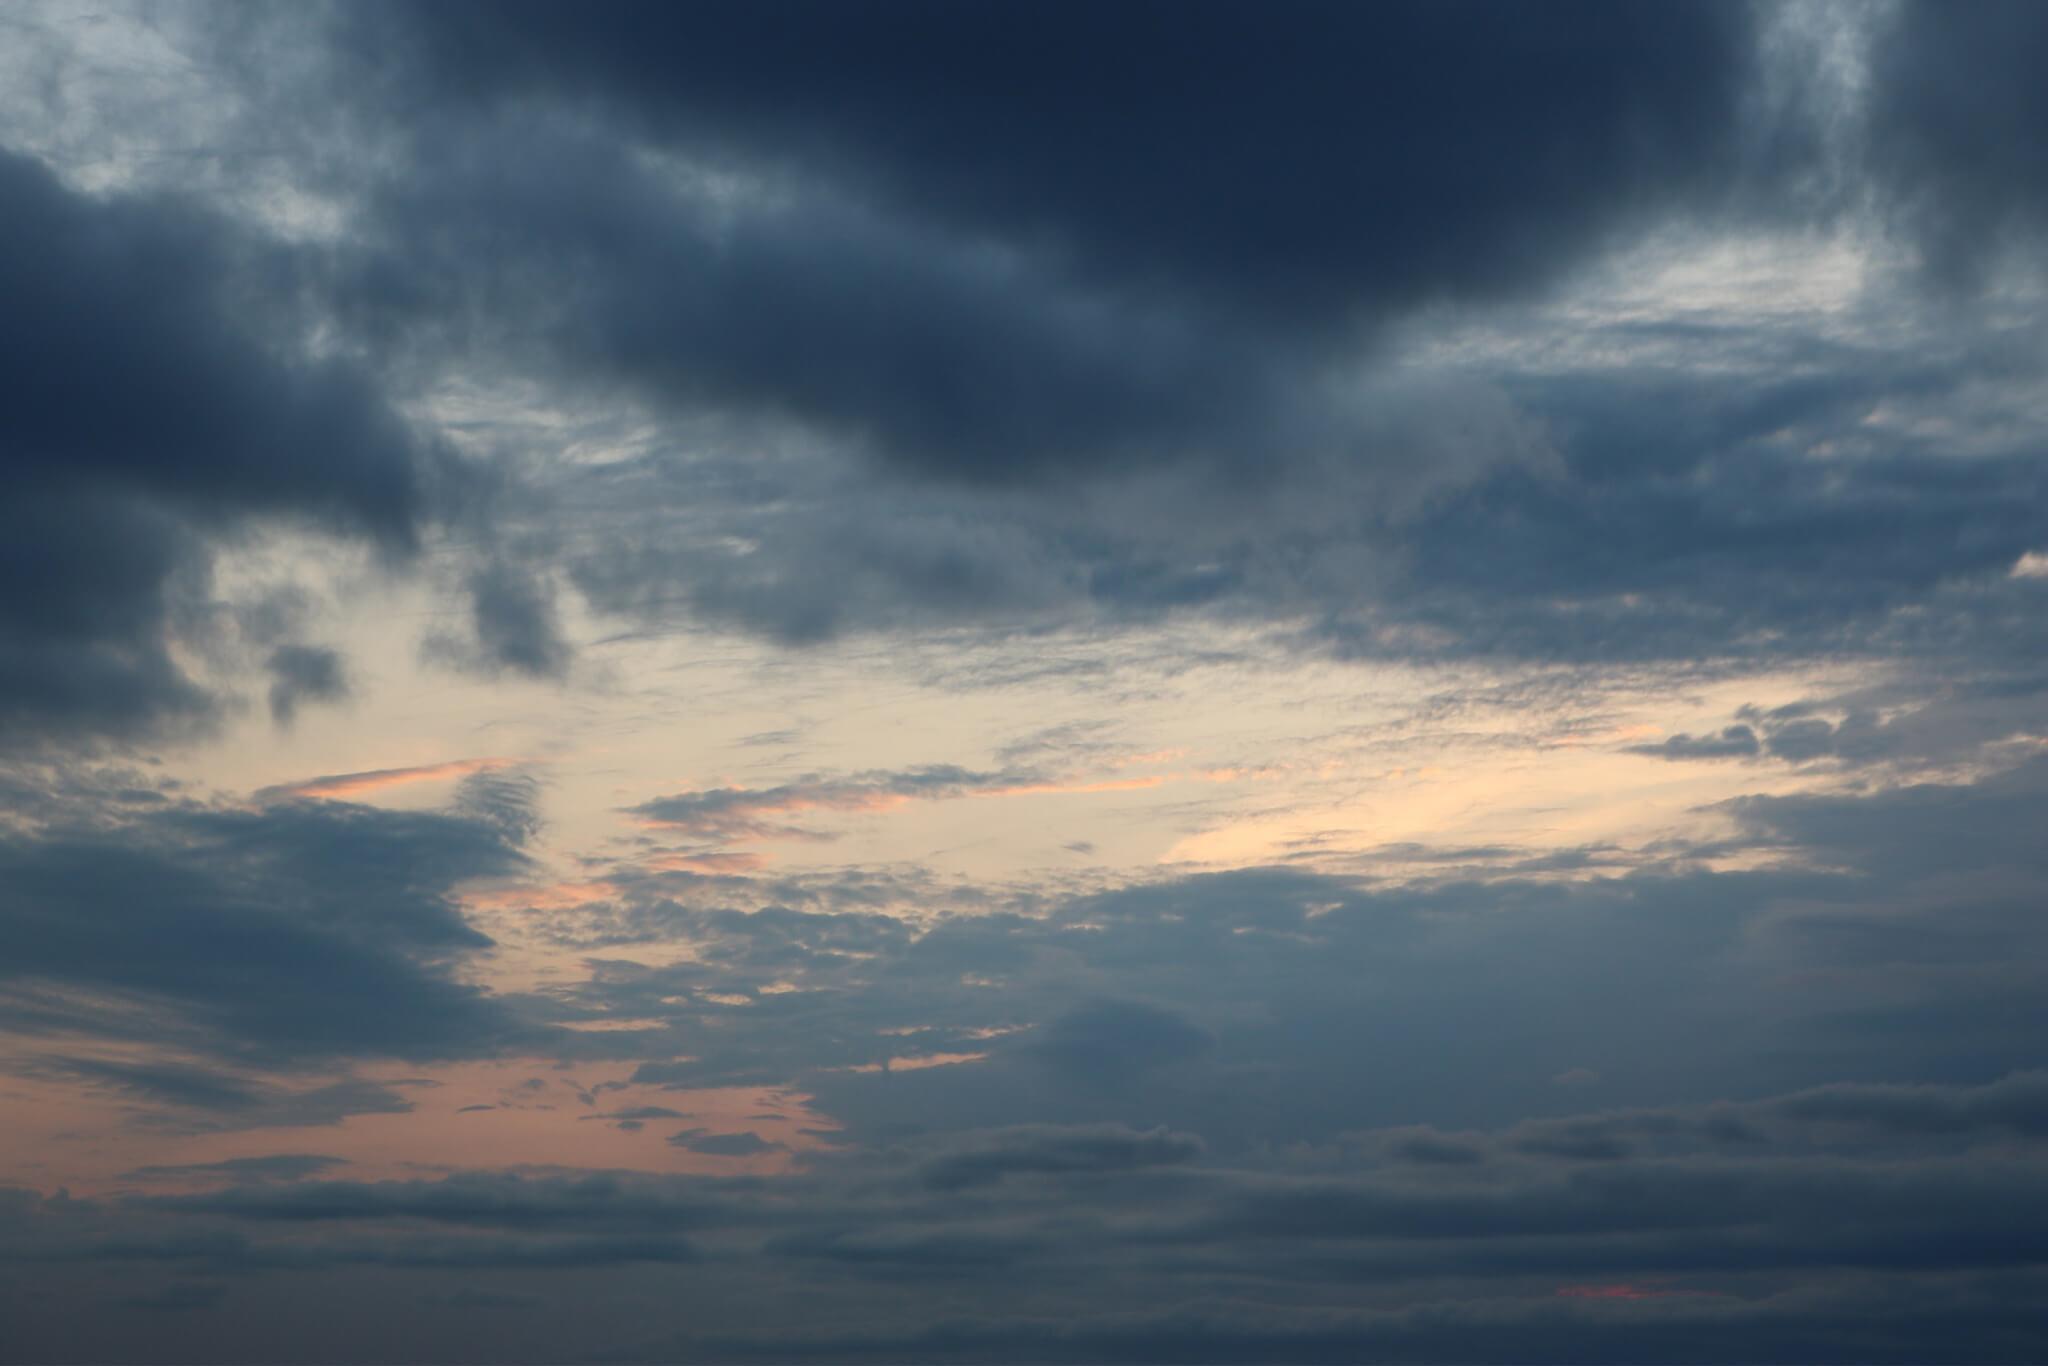 Dusk skyline with clouds